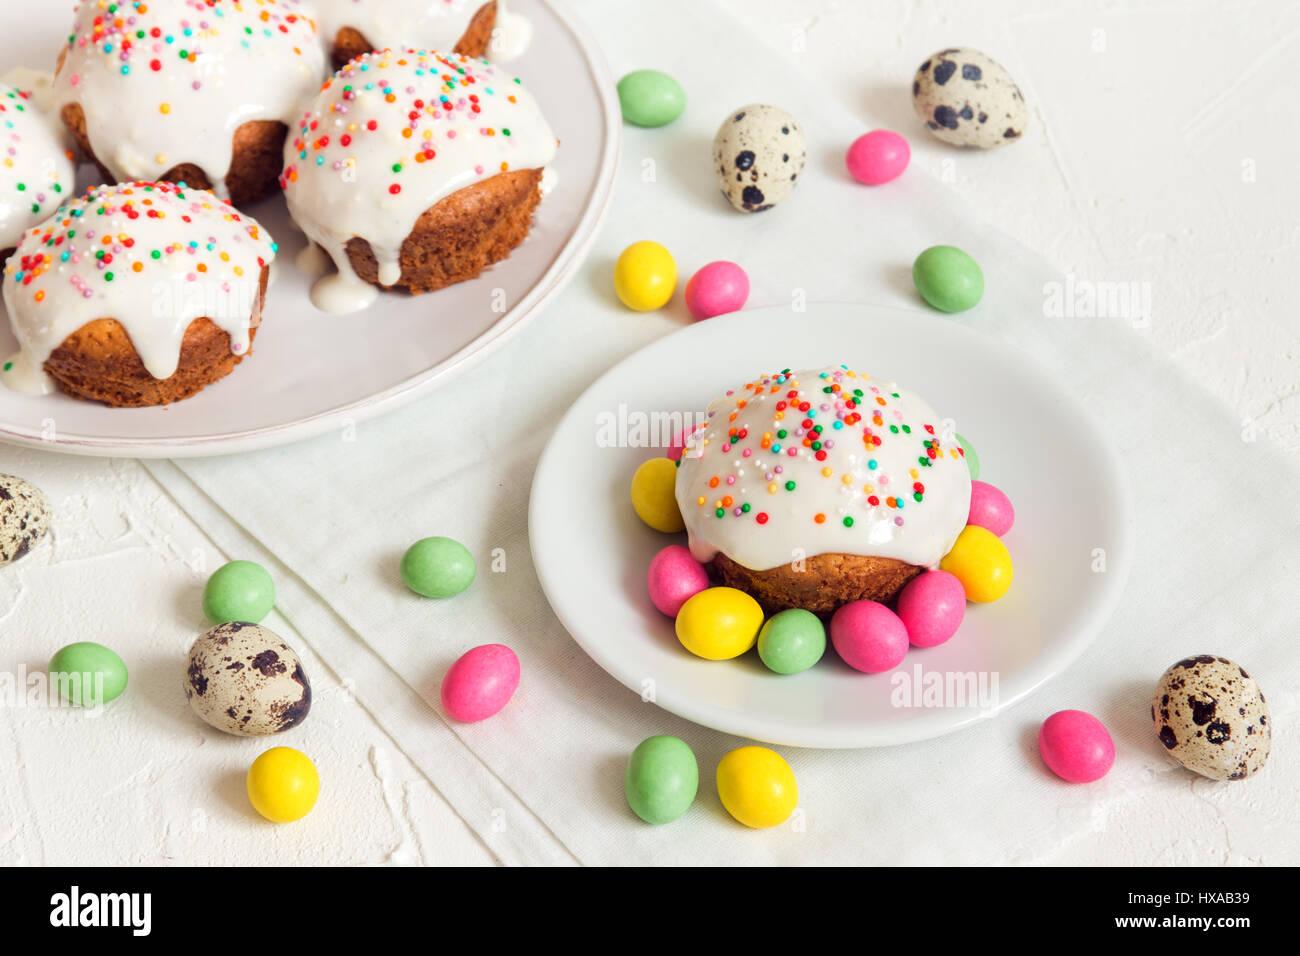 Pasqua torte con glassa bianca e Pasqua decorazioni di festa su sfondo bianco con spazio copia - festa in casa la Immagini Stock